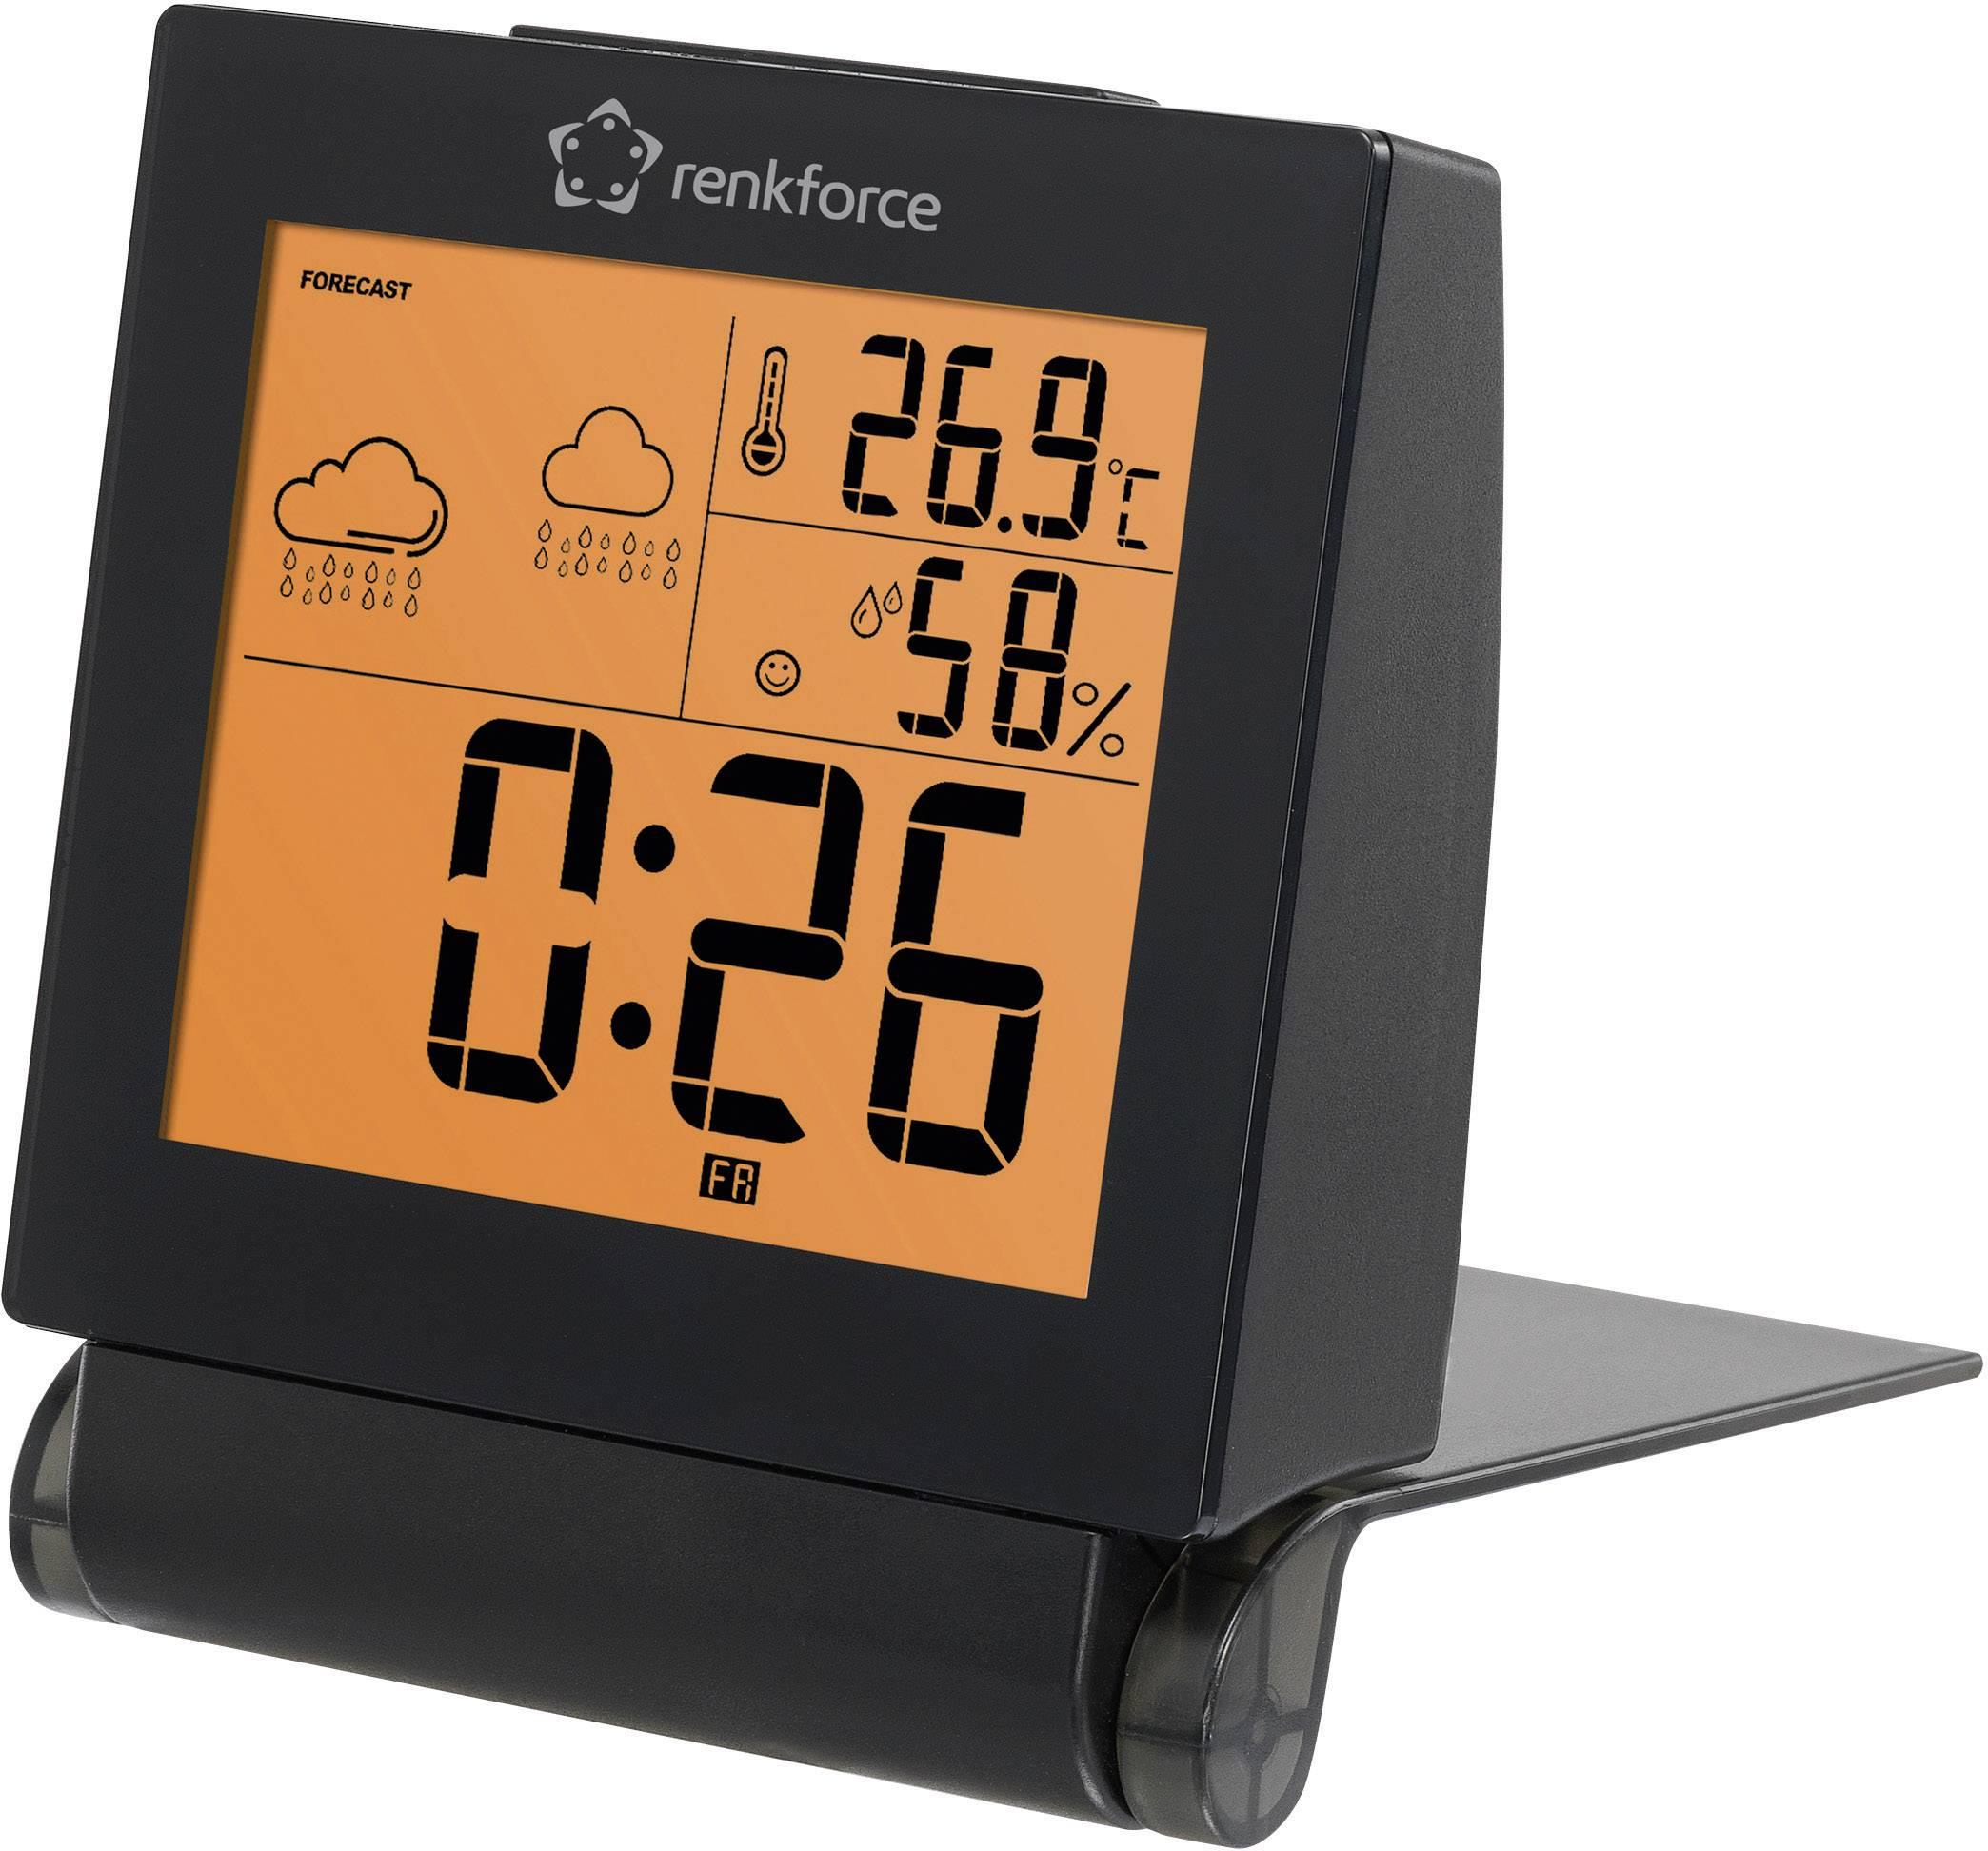 Cestovní teploměr/vlhkoměr s předpovědí počasí a budíkem, Renkforce E0111W